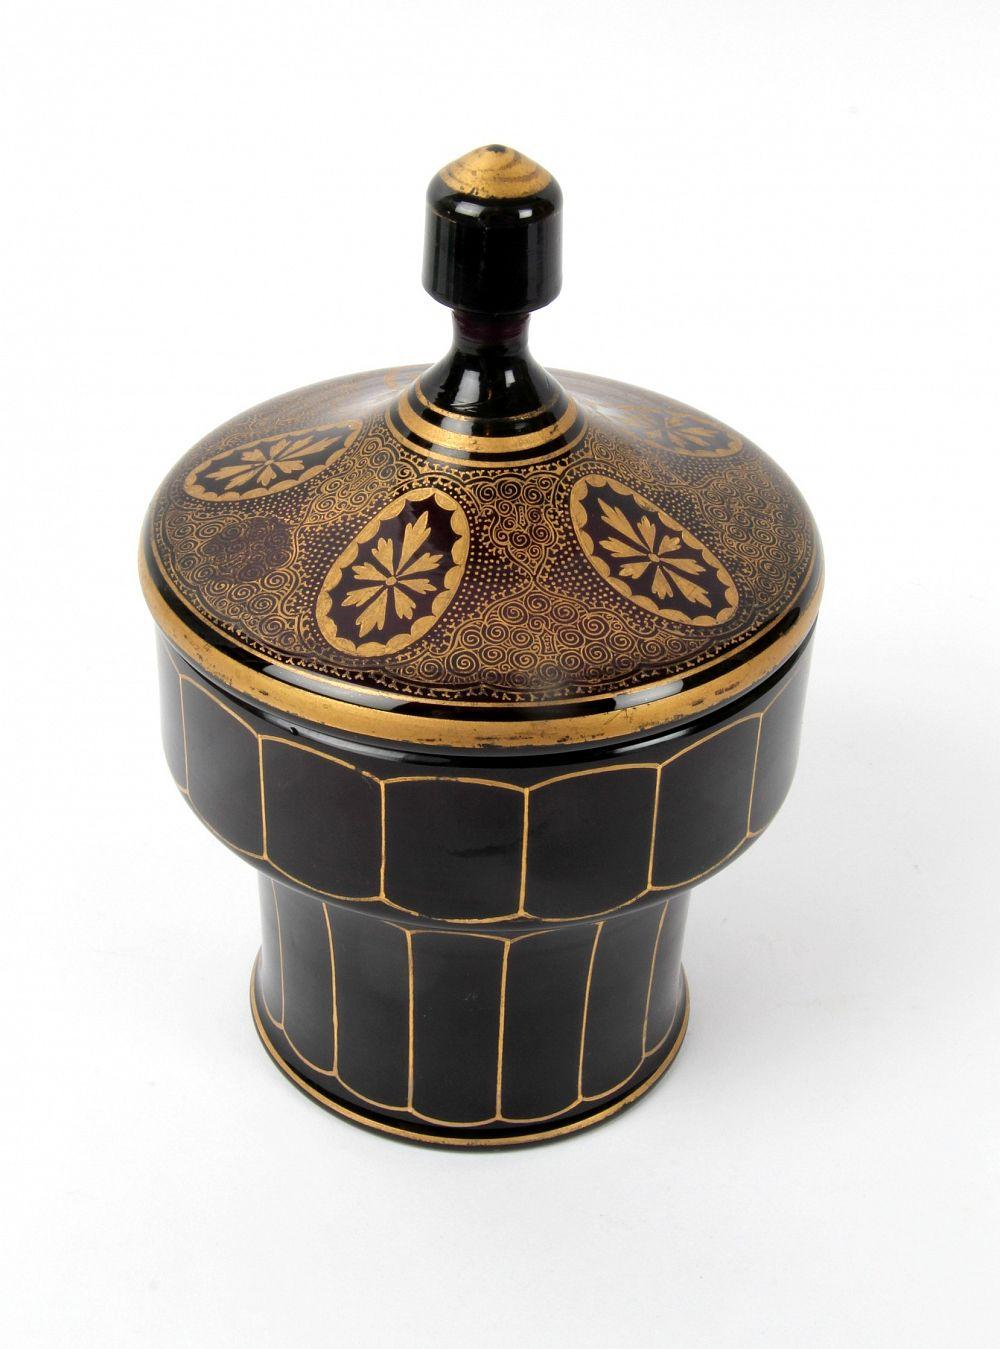 dating hornsea pottery Lörrach